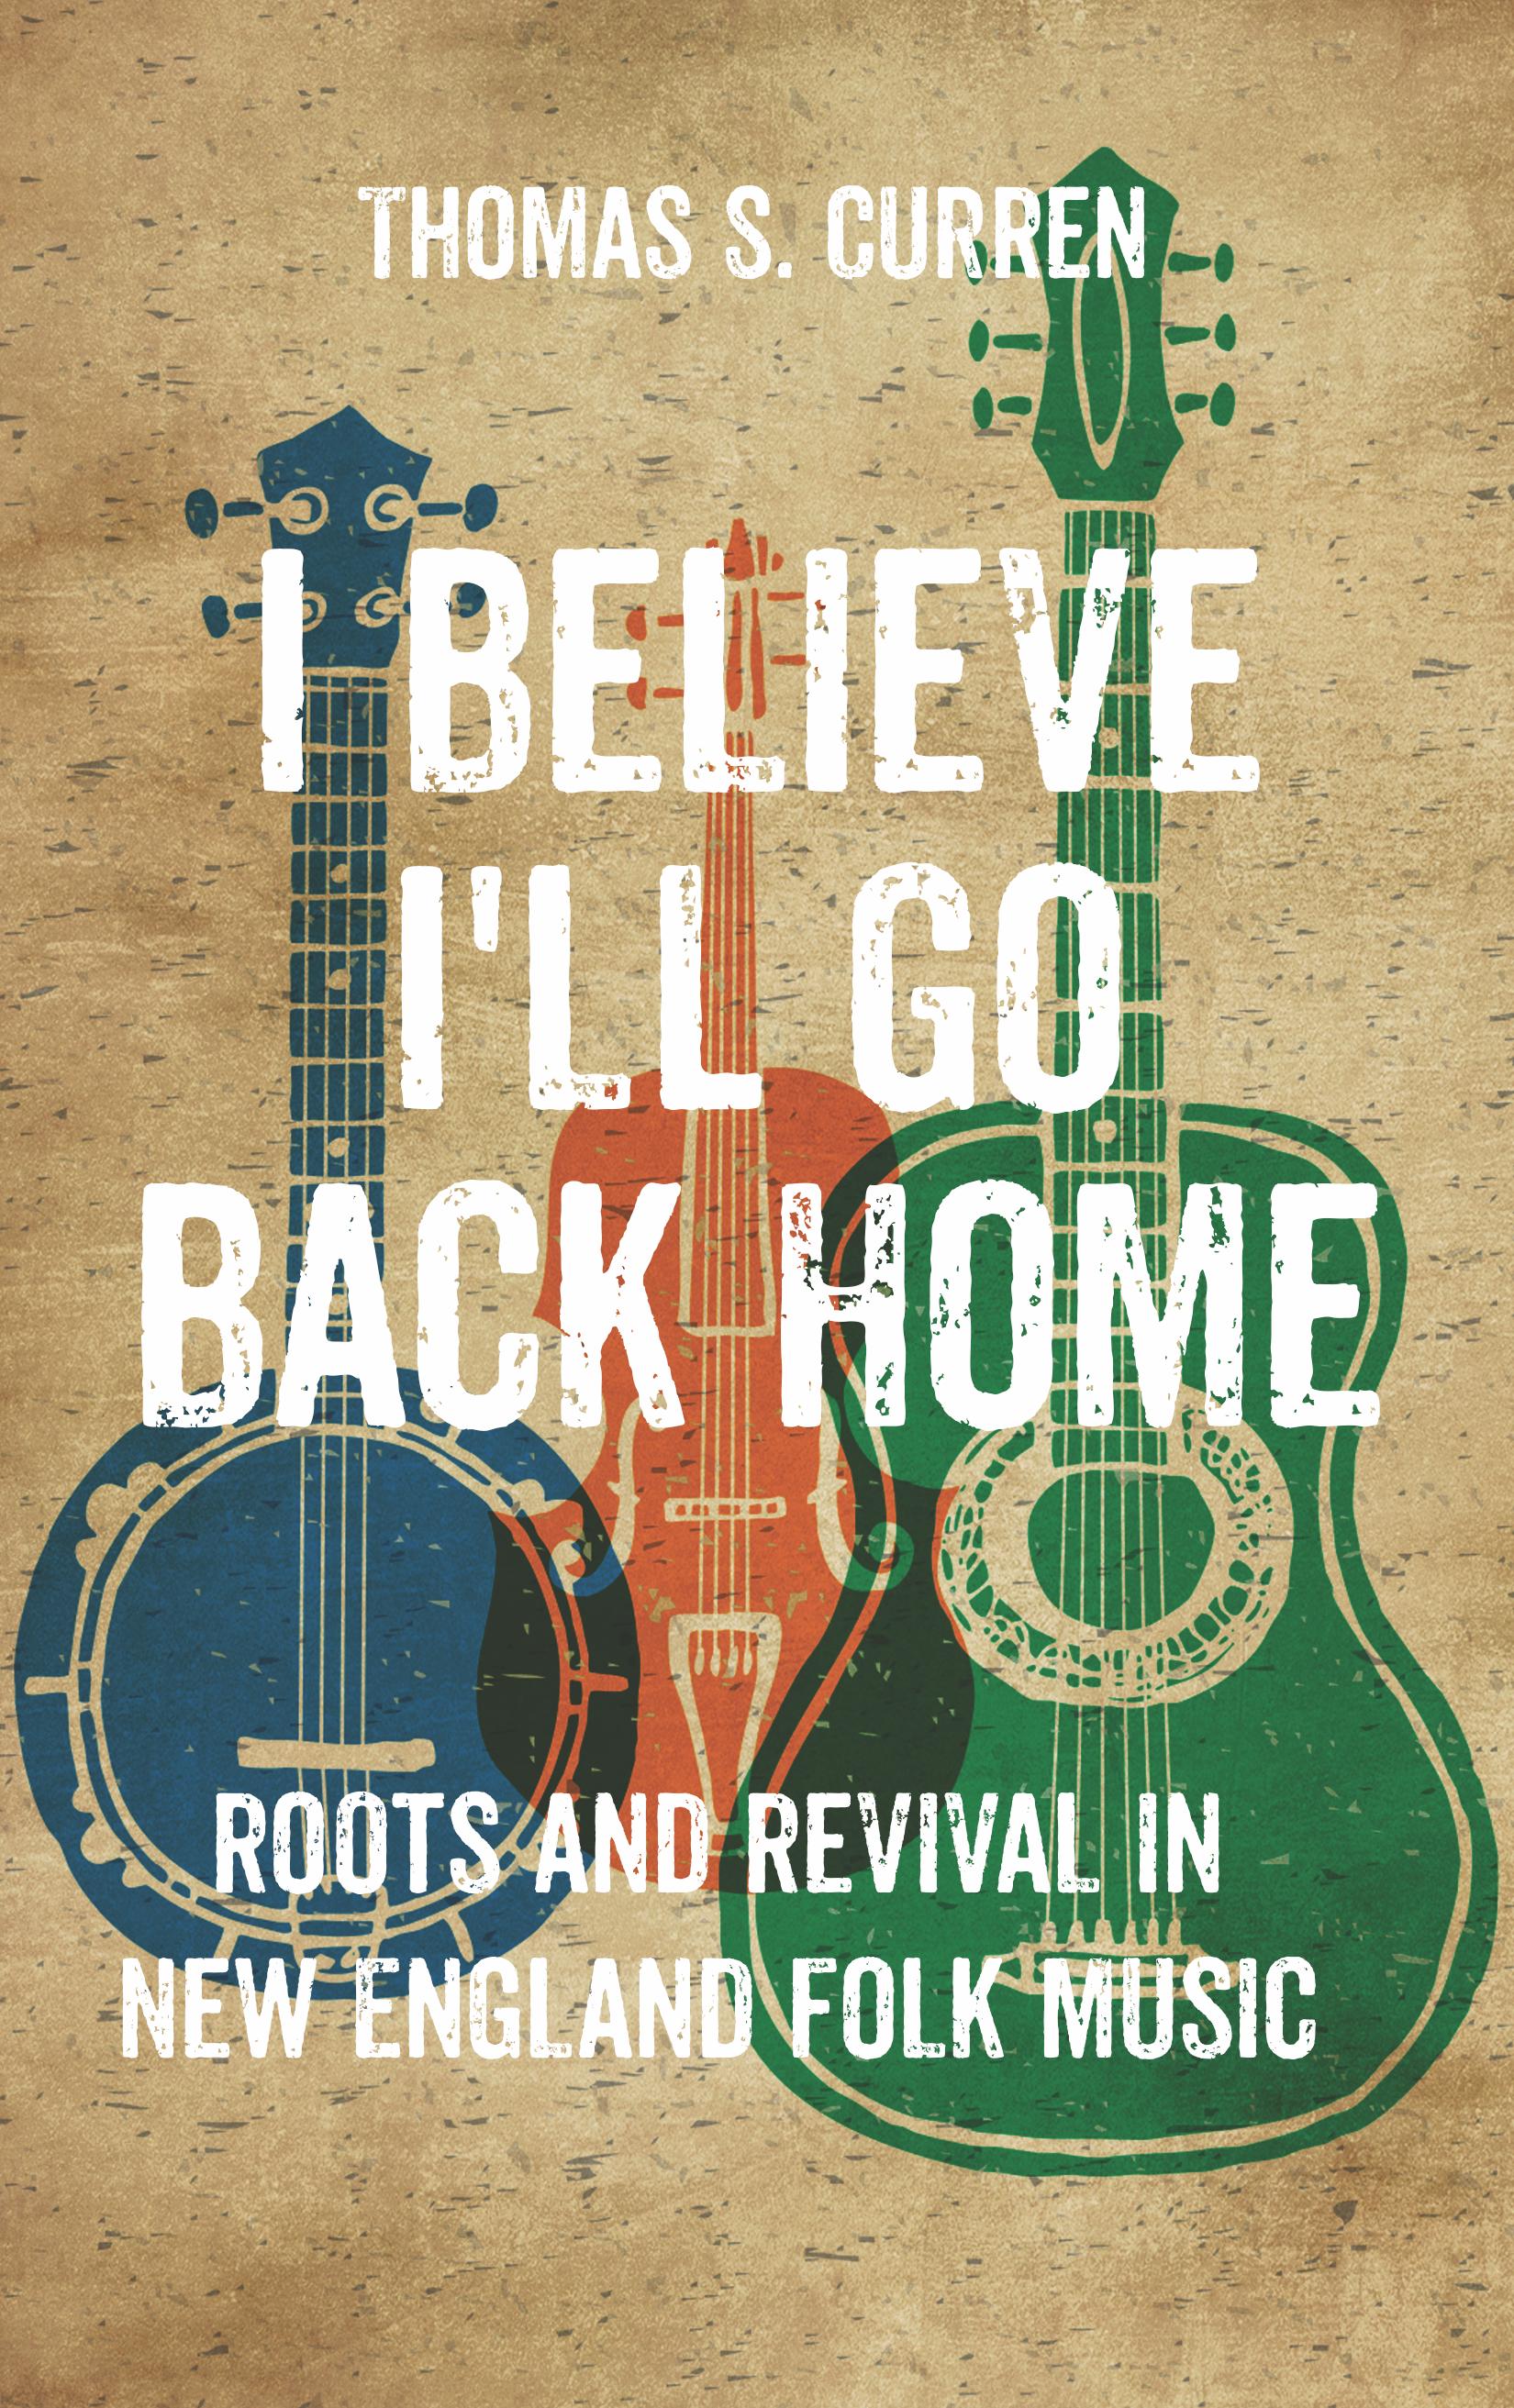 I Believe I'll Go Back Home